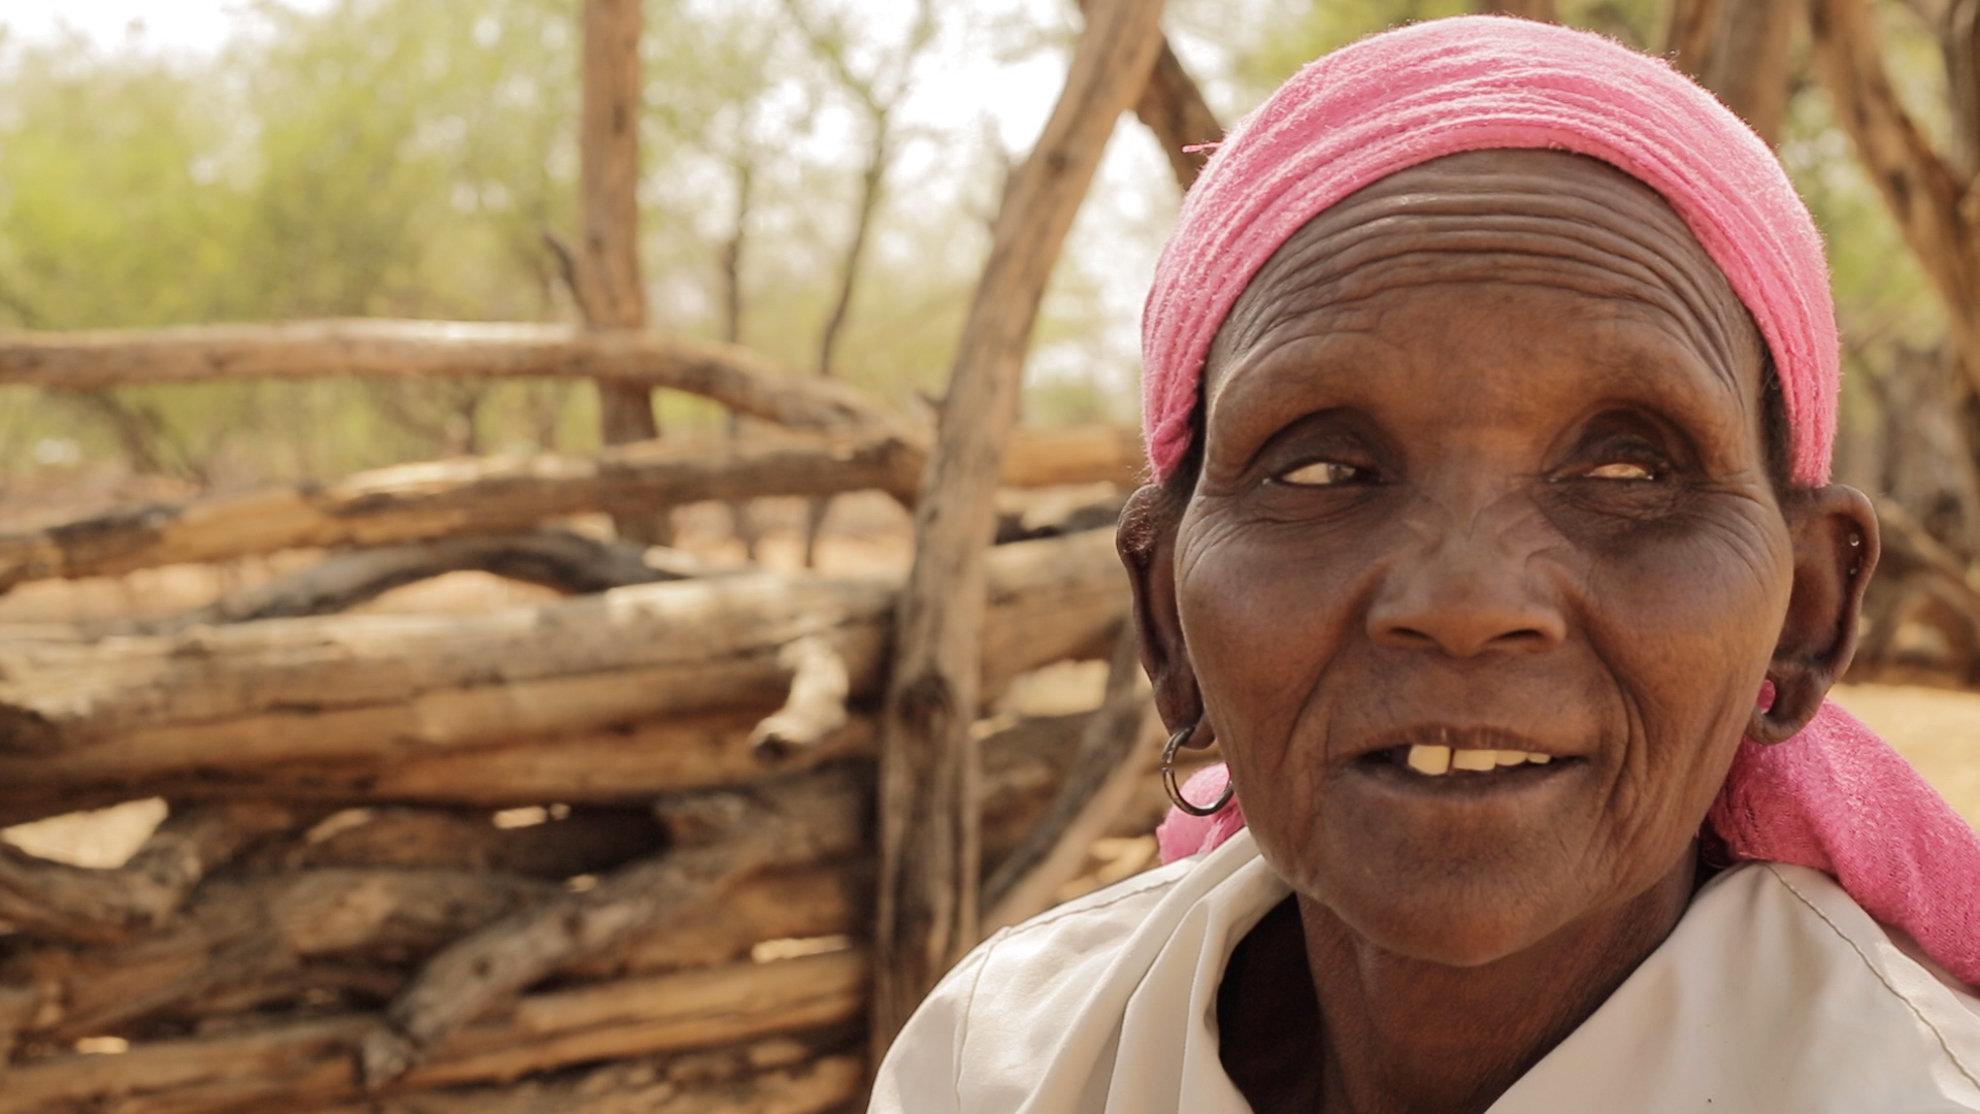 Selina Chepserum vive da agricultura de subsistência em uma região árida do Quência ocidental. Quando...